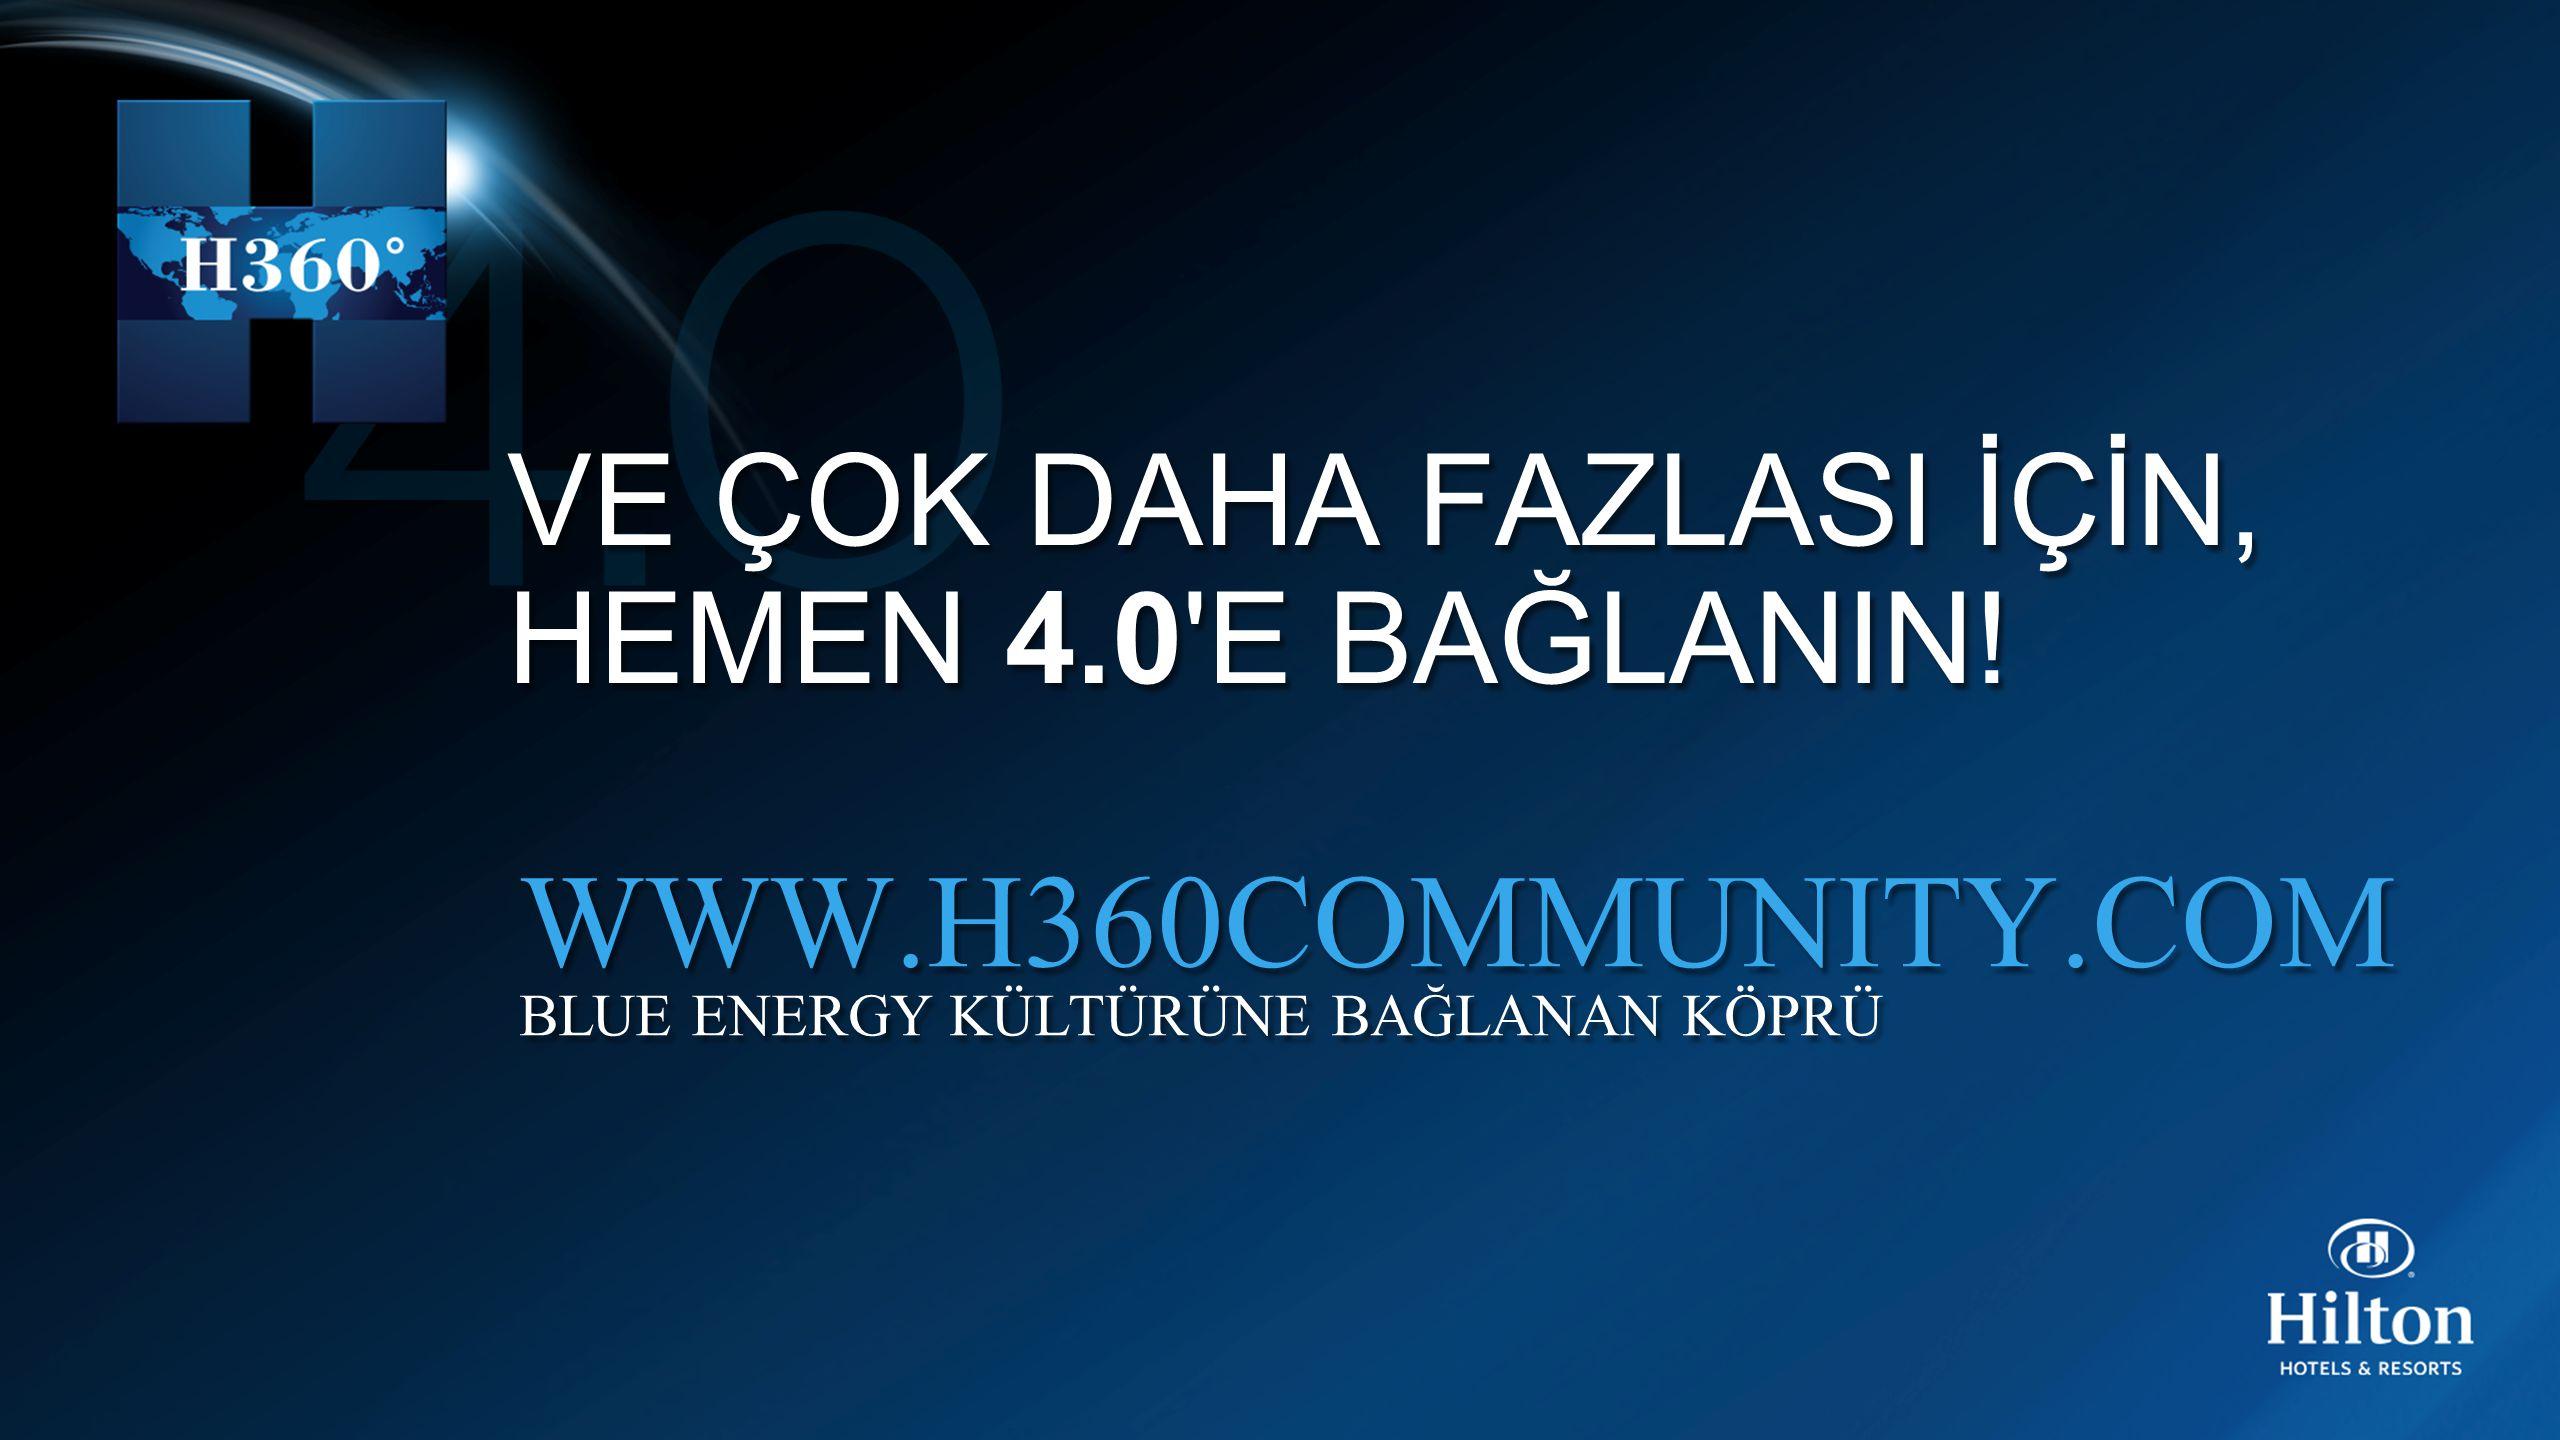 VE ÇOK DAHA FAZLASI İÇİN, HEMEN 4.0'E BAĞLANIN! VE ÇOK DAHA FAZLASI İÇİN, HEMEN 4.0'E BAĞLANIN! WWW.H360COMMUNITY.COM BLUE ENERGY KÜLTÜRÜNE BAĞLANAN K